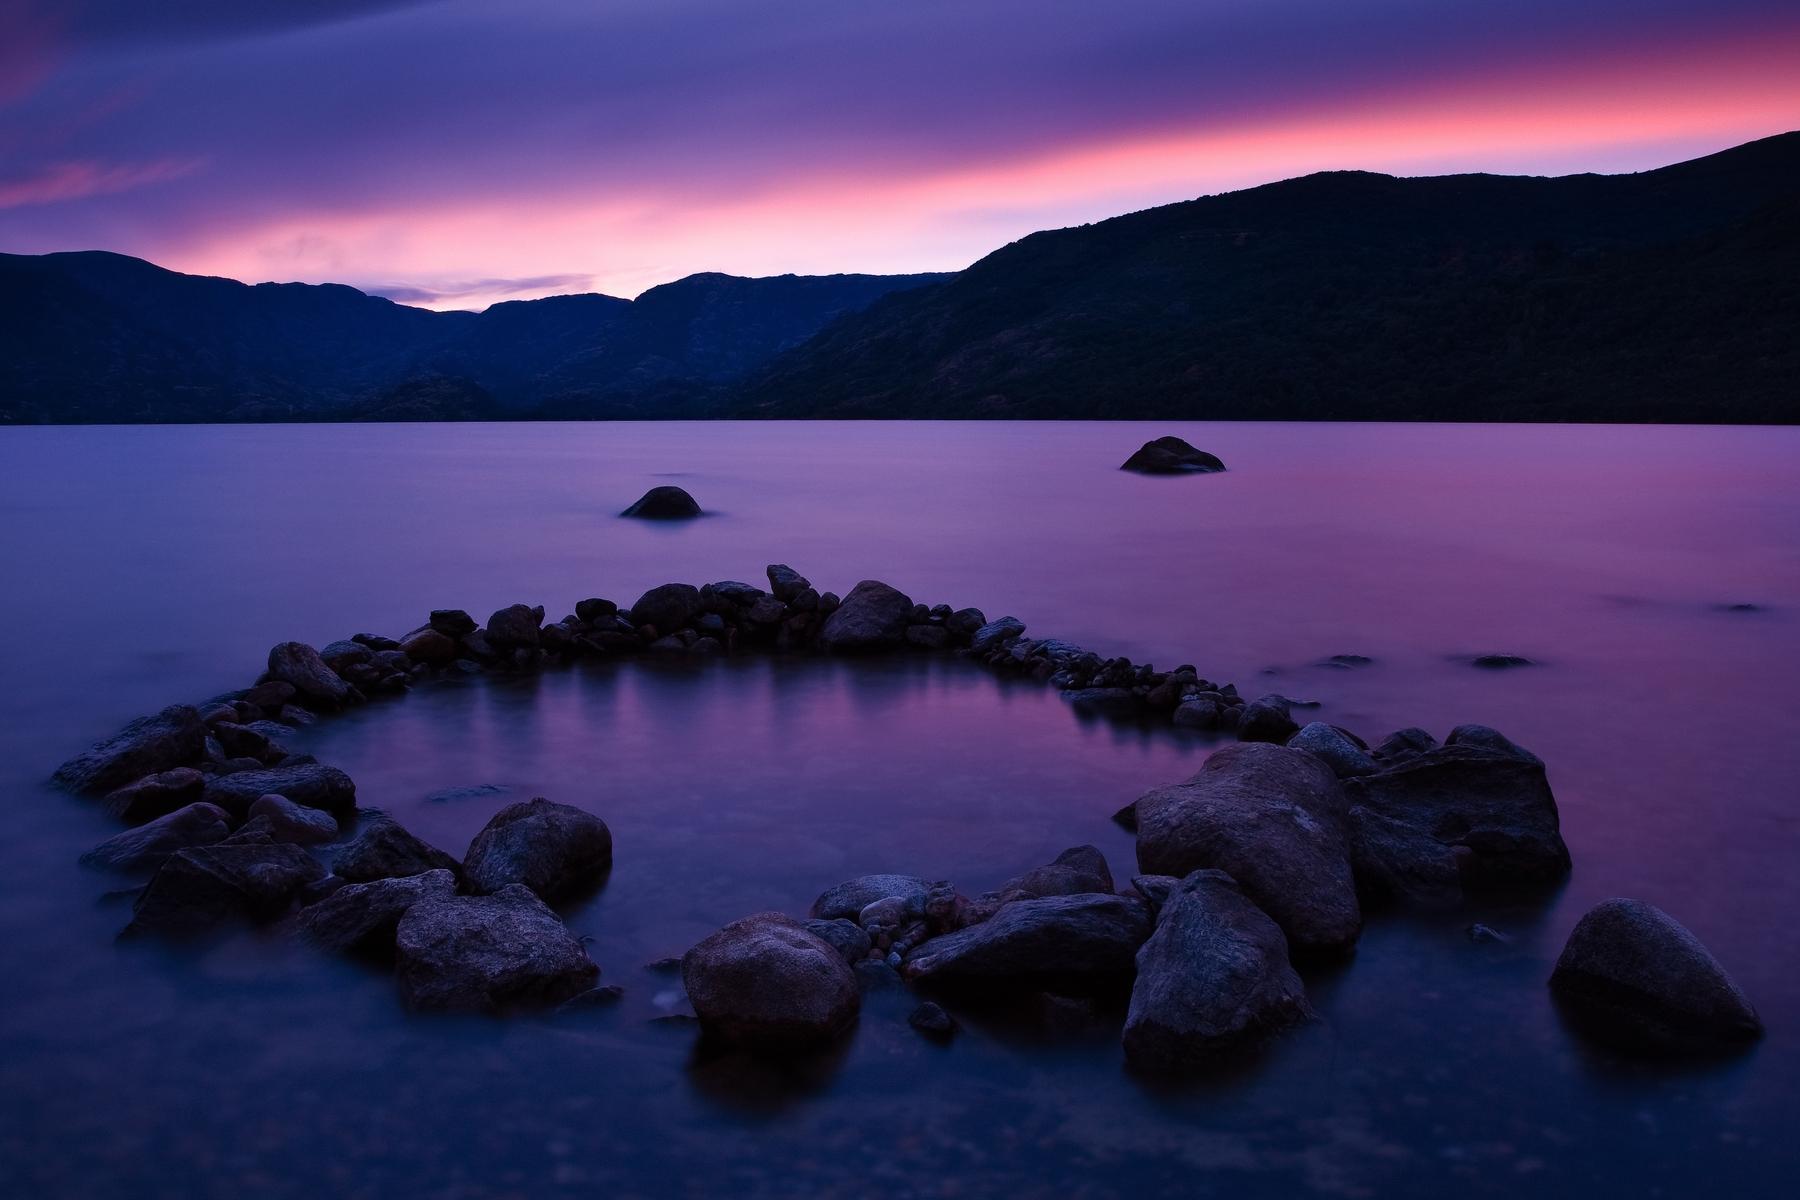 El lago de Sanabria es uno de los lagos más grandes de España